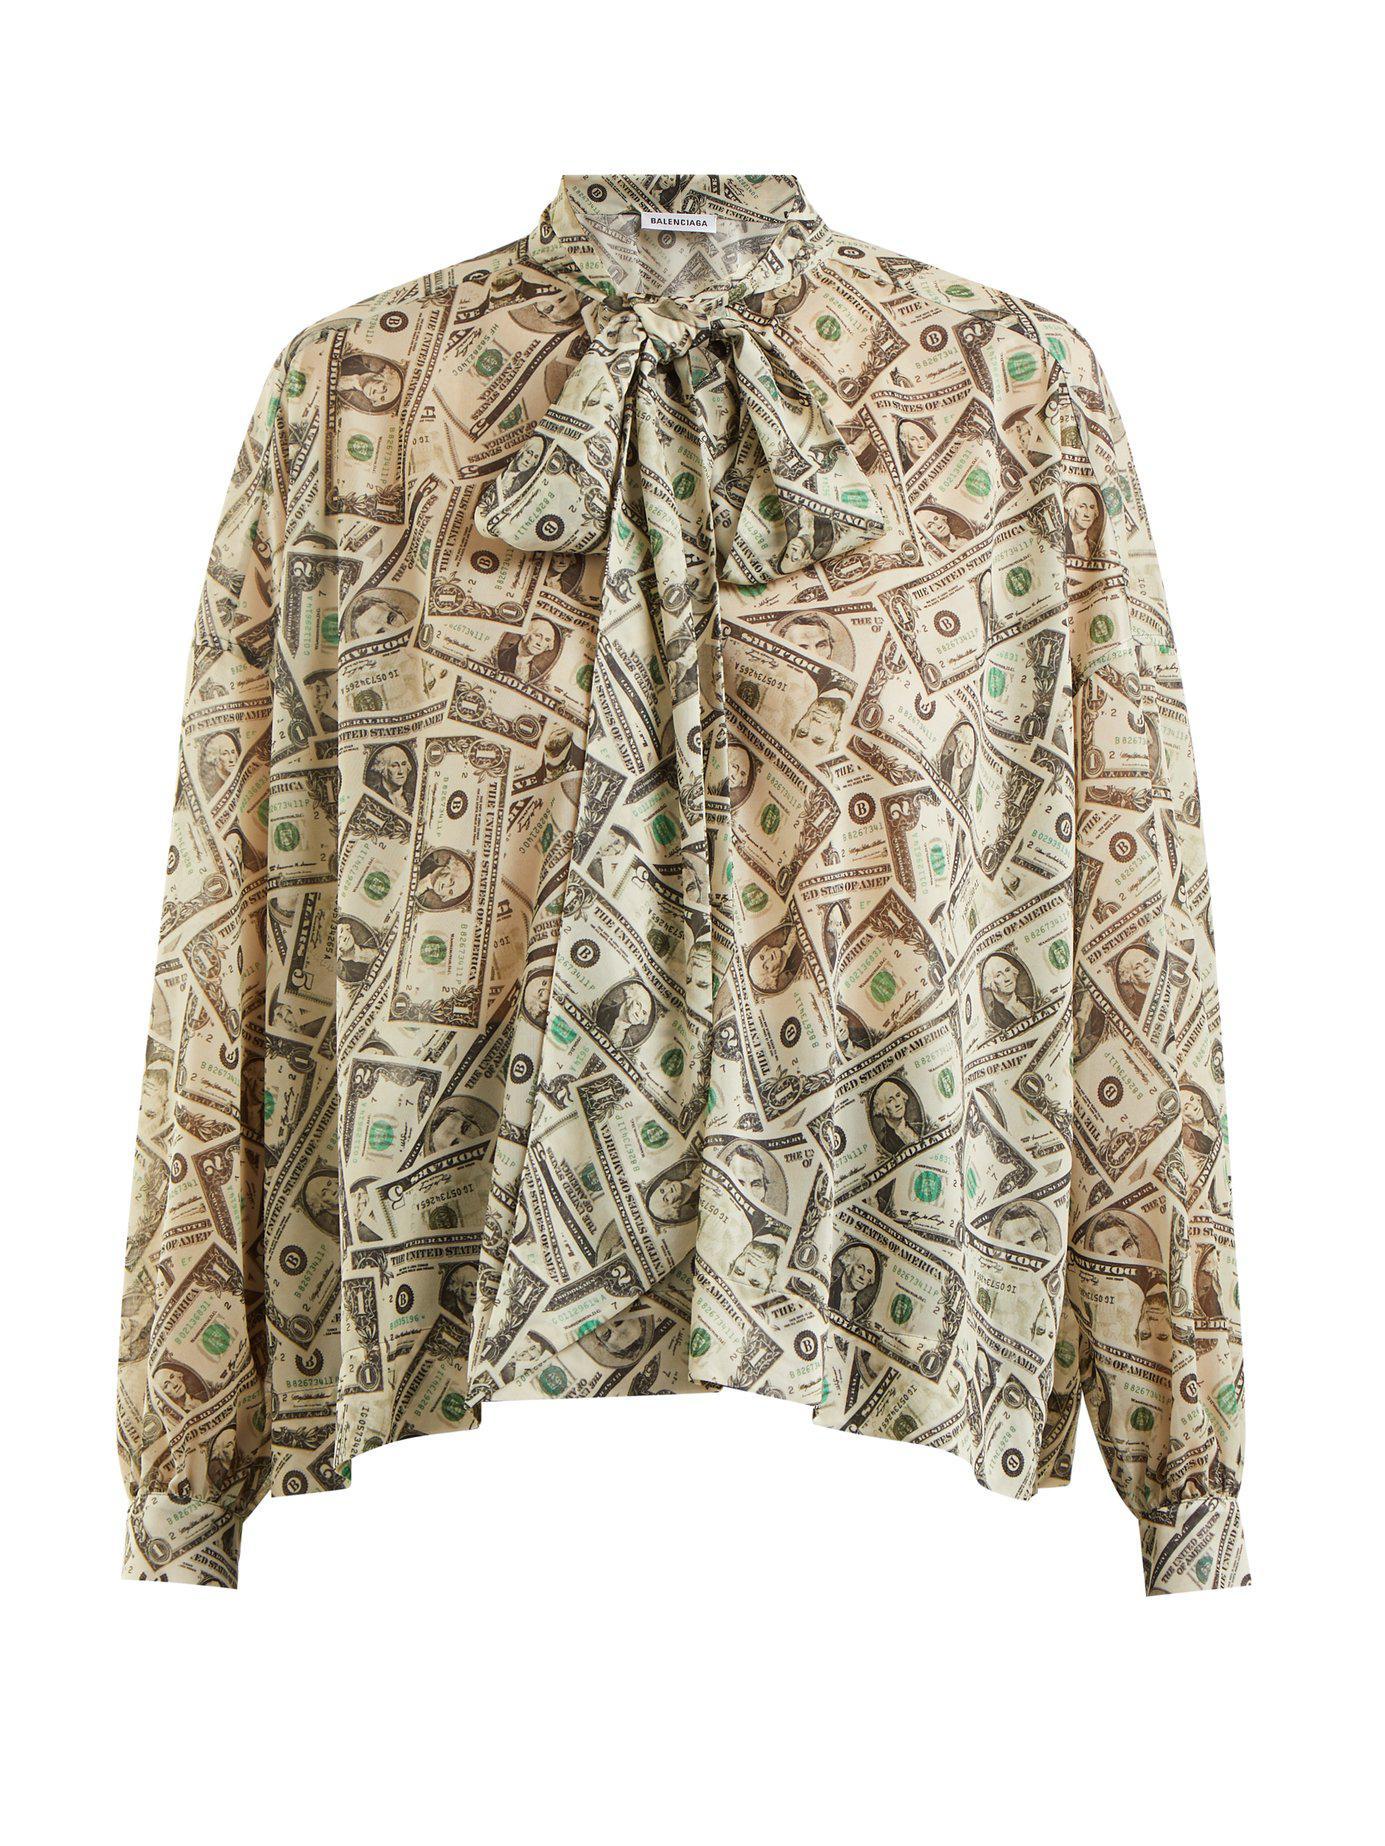 Blouse Ruban Lyst Imprimé Dollar À Et Nouer Balenciaga mn0yNvwO8